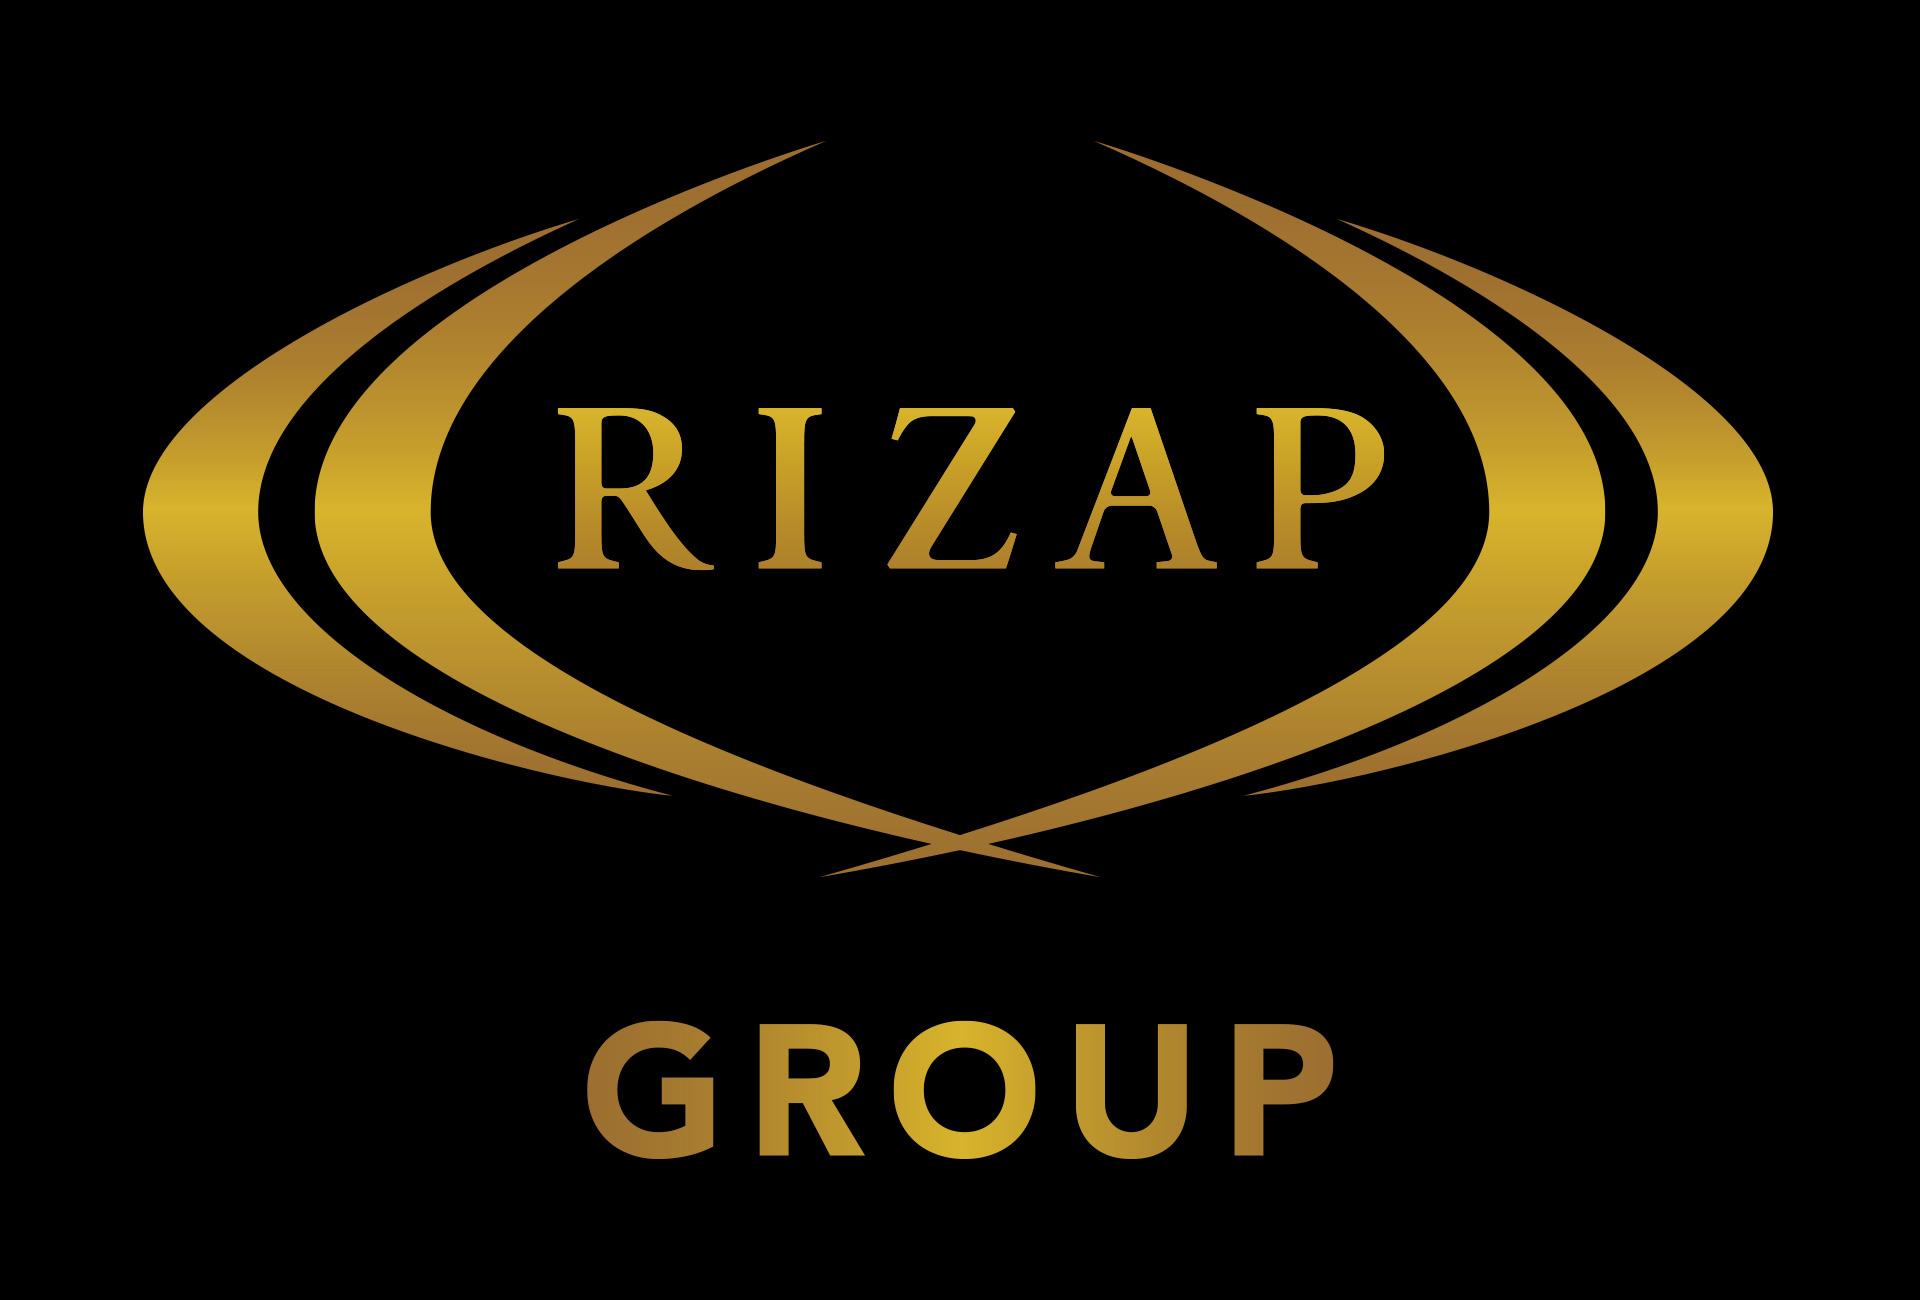 RIZAP(ライザップ) 純損失 193億円 赤字